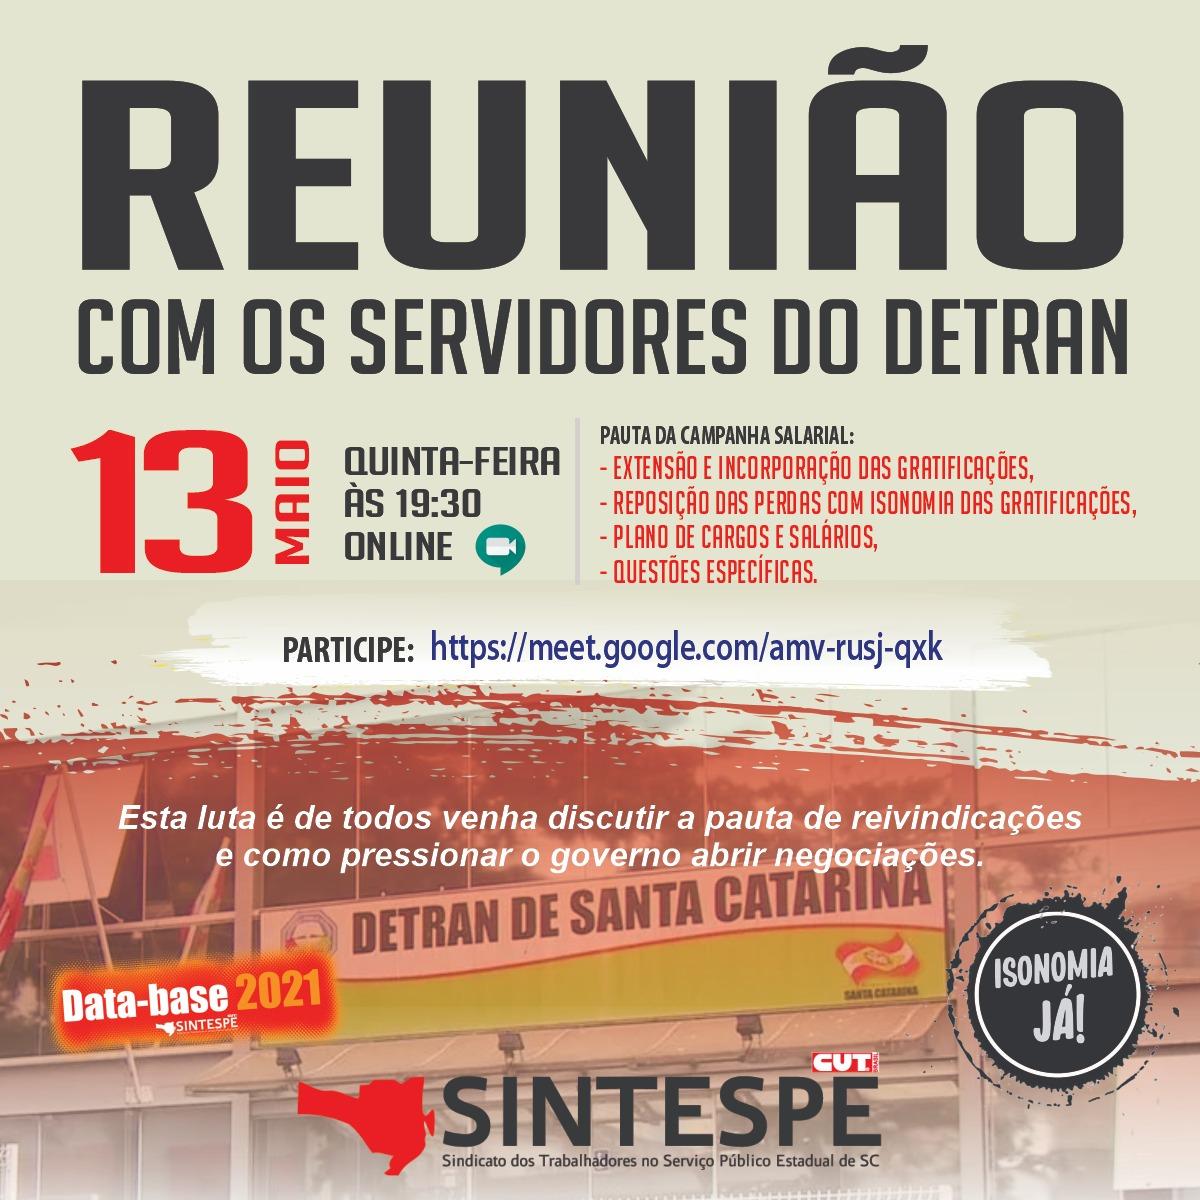 REUNIÃO COM OS SERVIDORES DO DETRAN/SC